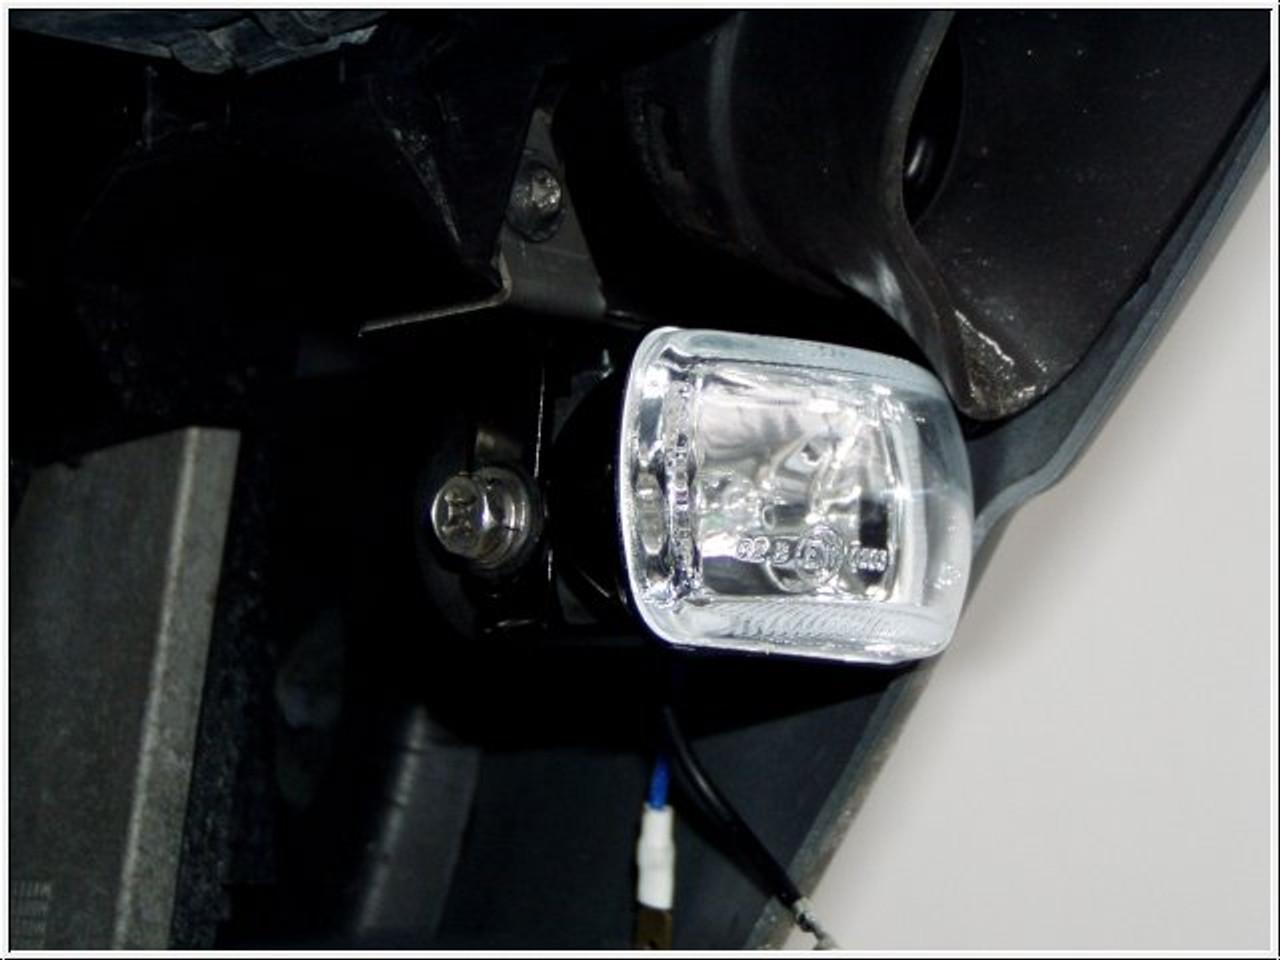 Hella Super White Driving Light Kit for BMW K1200S K1300S